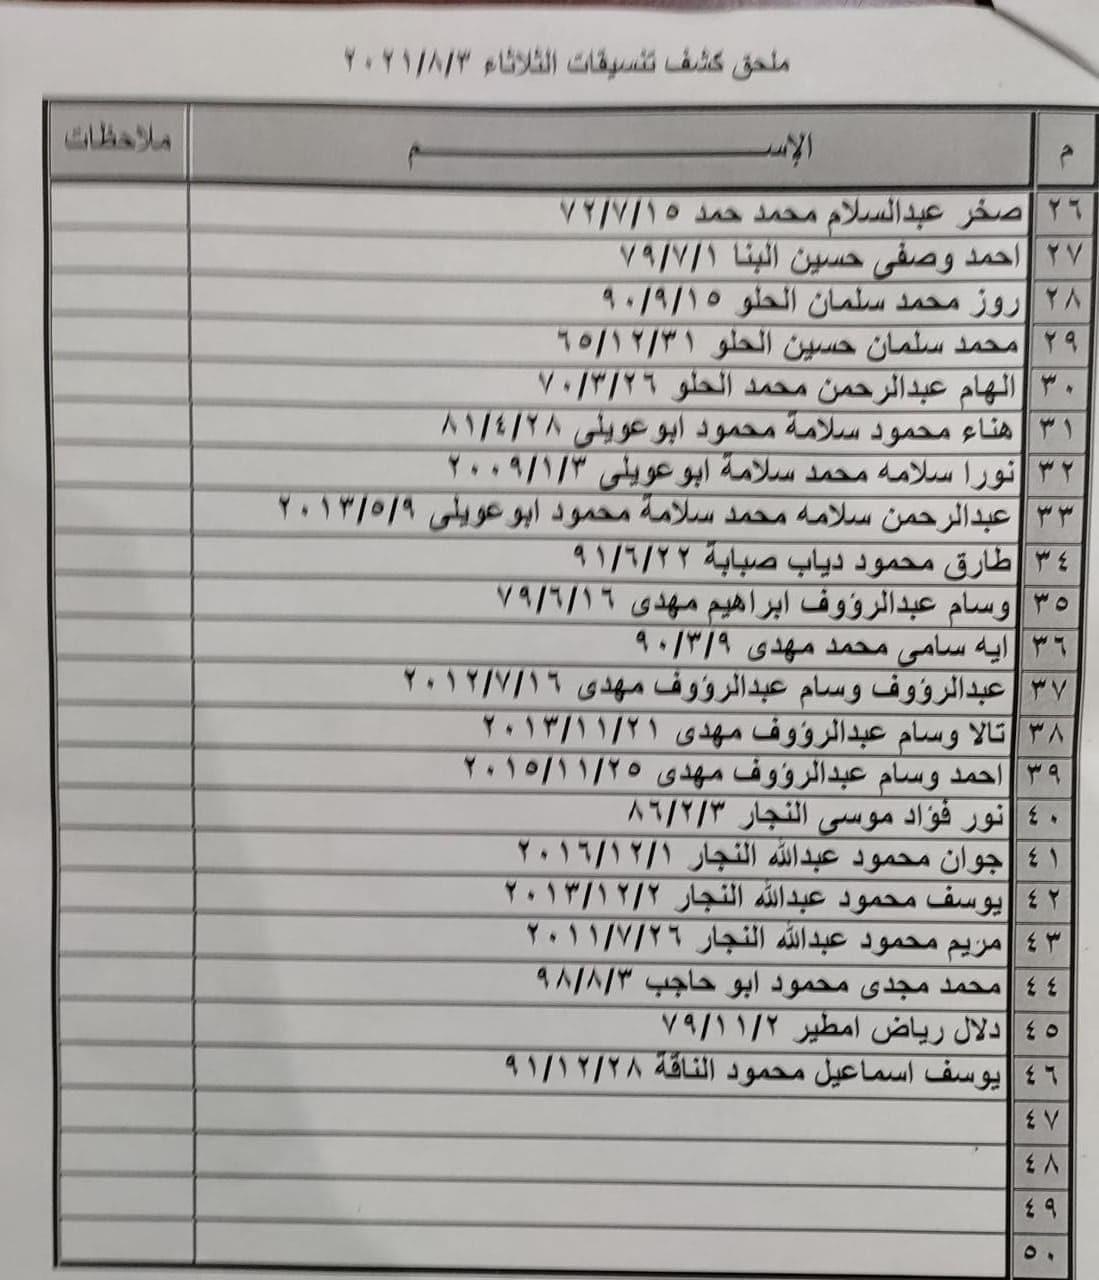 """بالأسماء ملحق """"كشف تنسيقات مصرية"""" للسفر عبر معبر رفح يوم الثلاثاء"""